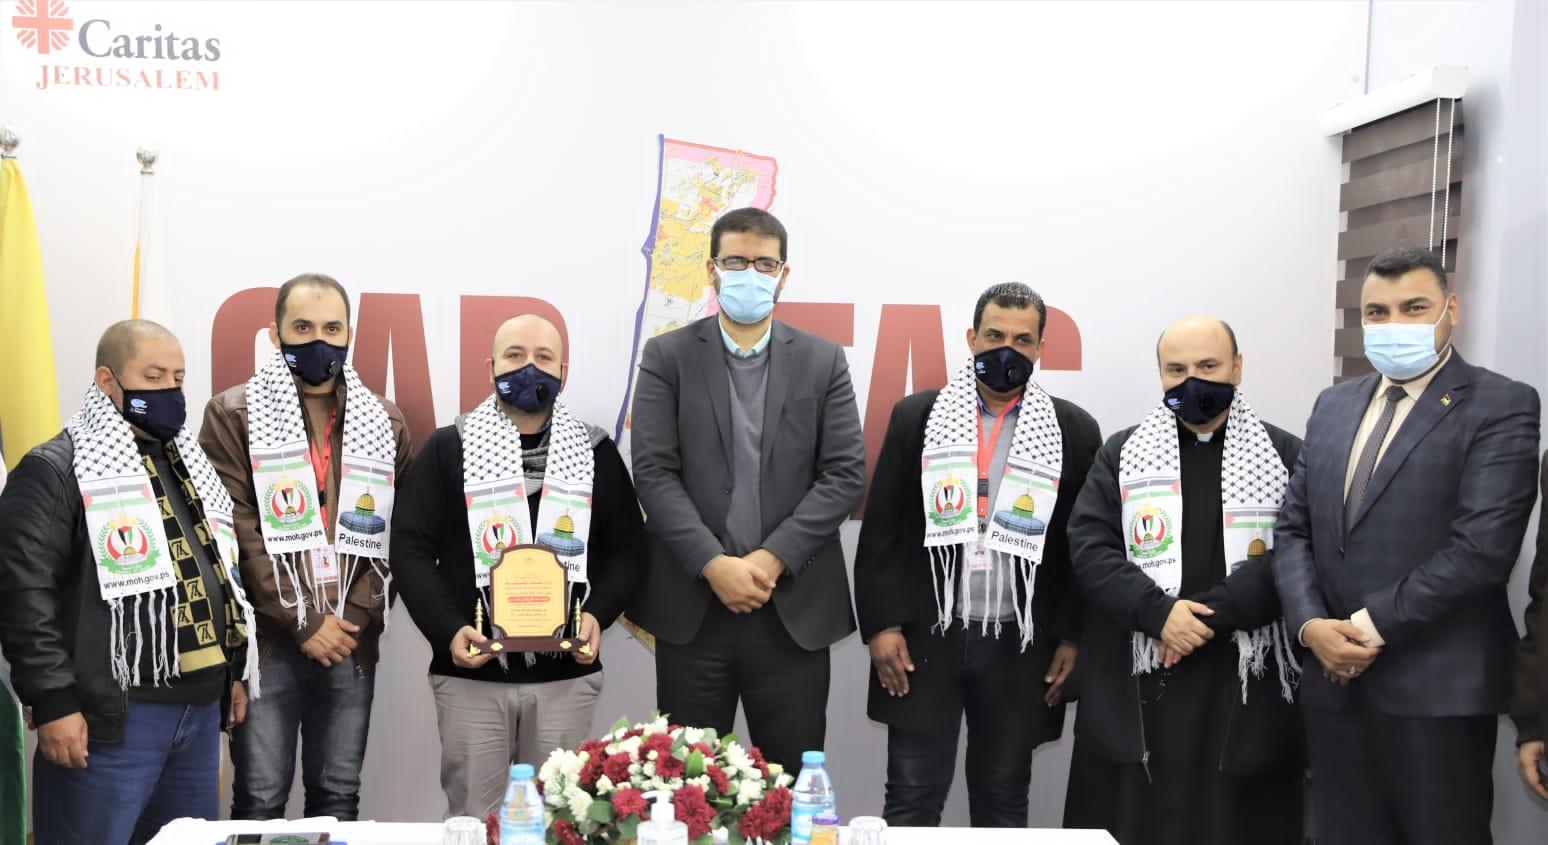 د.أبوالريش يثمن دور مؤسسة كاريتاس في تعزيز جهود مواجهة كوفيد ١٩